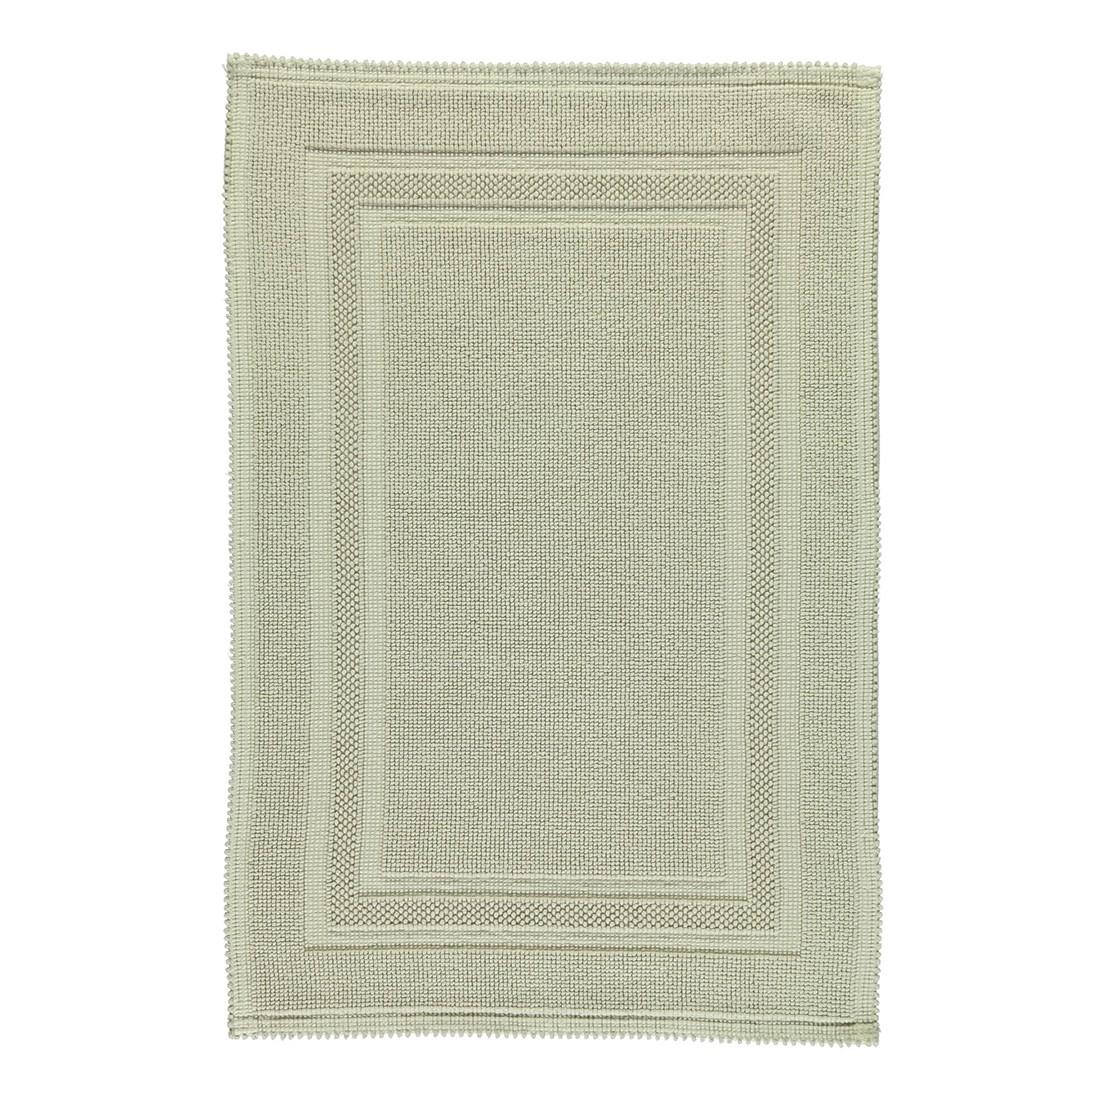 Badteppich Grace – 100% Baumwolle – Stone – 320 – 60 x 90 cm, Rhomtuft günstig kaufen